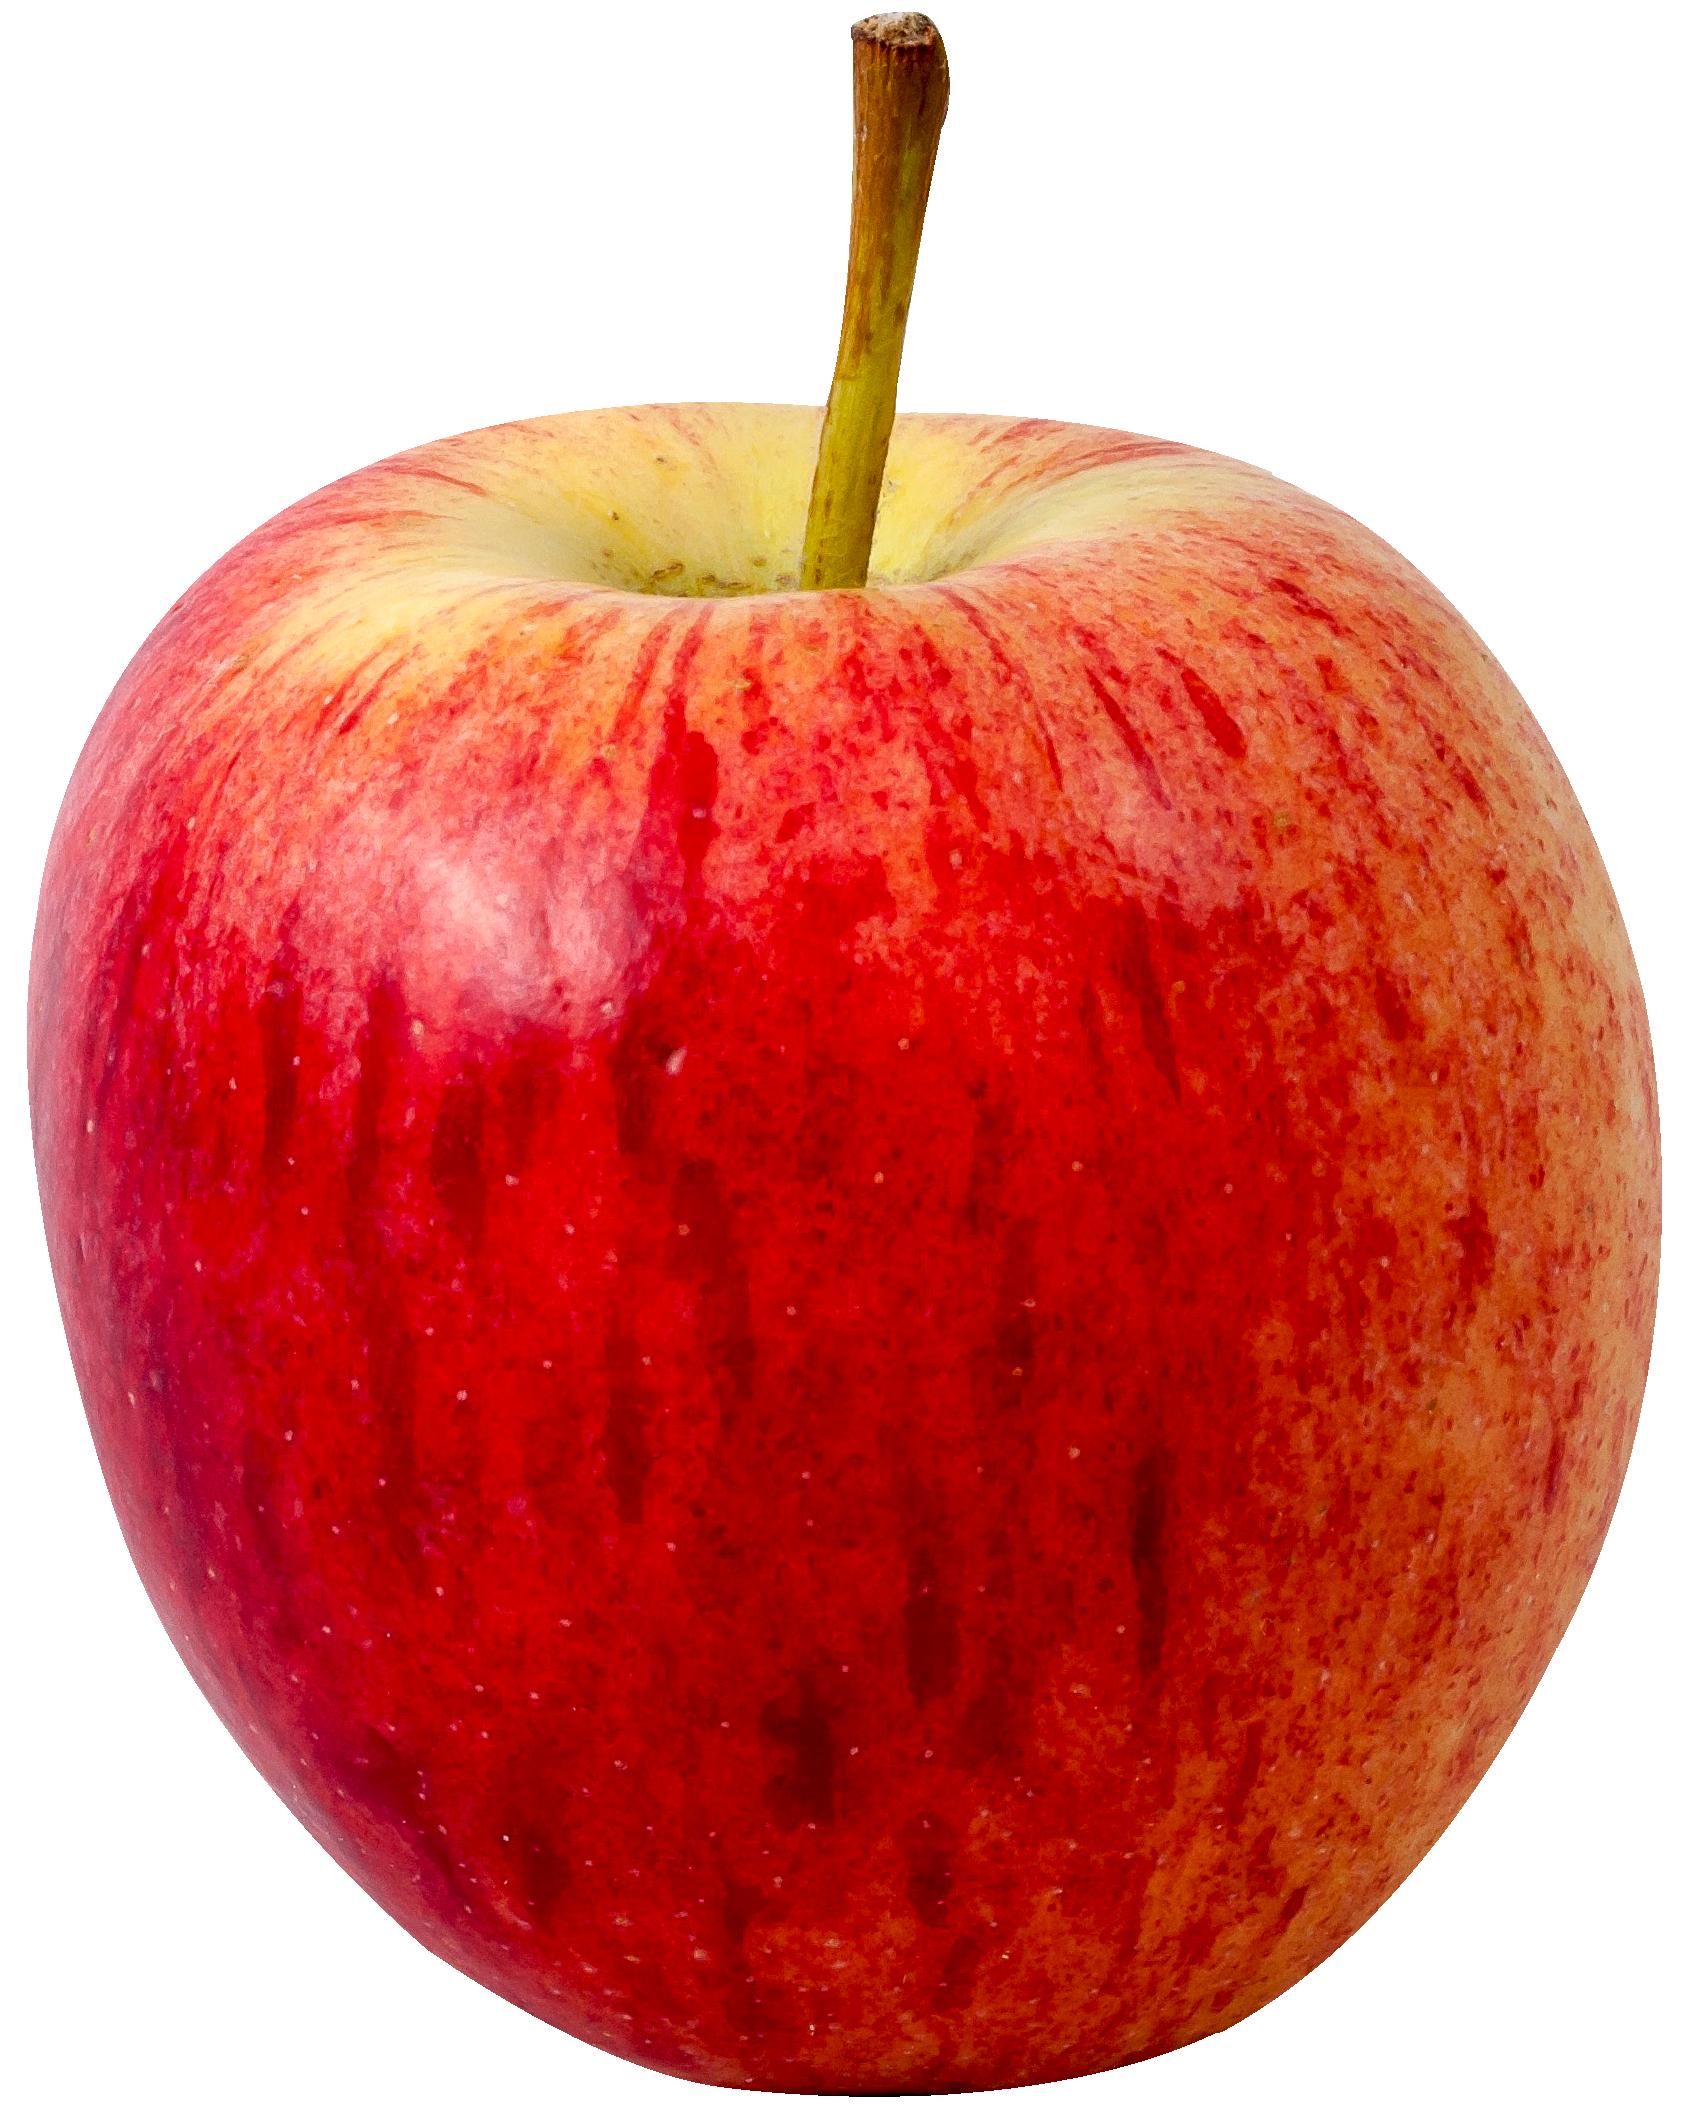 Download Apple Fruit Transparent Image HQ PNG Image ...